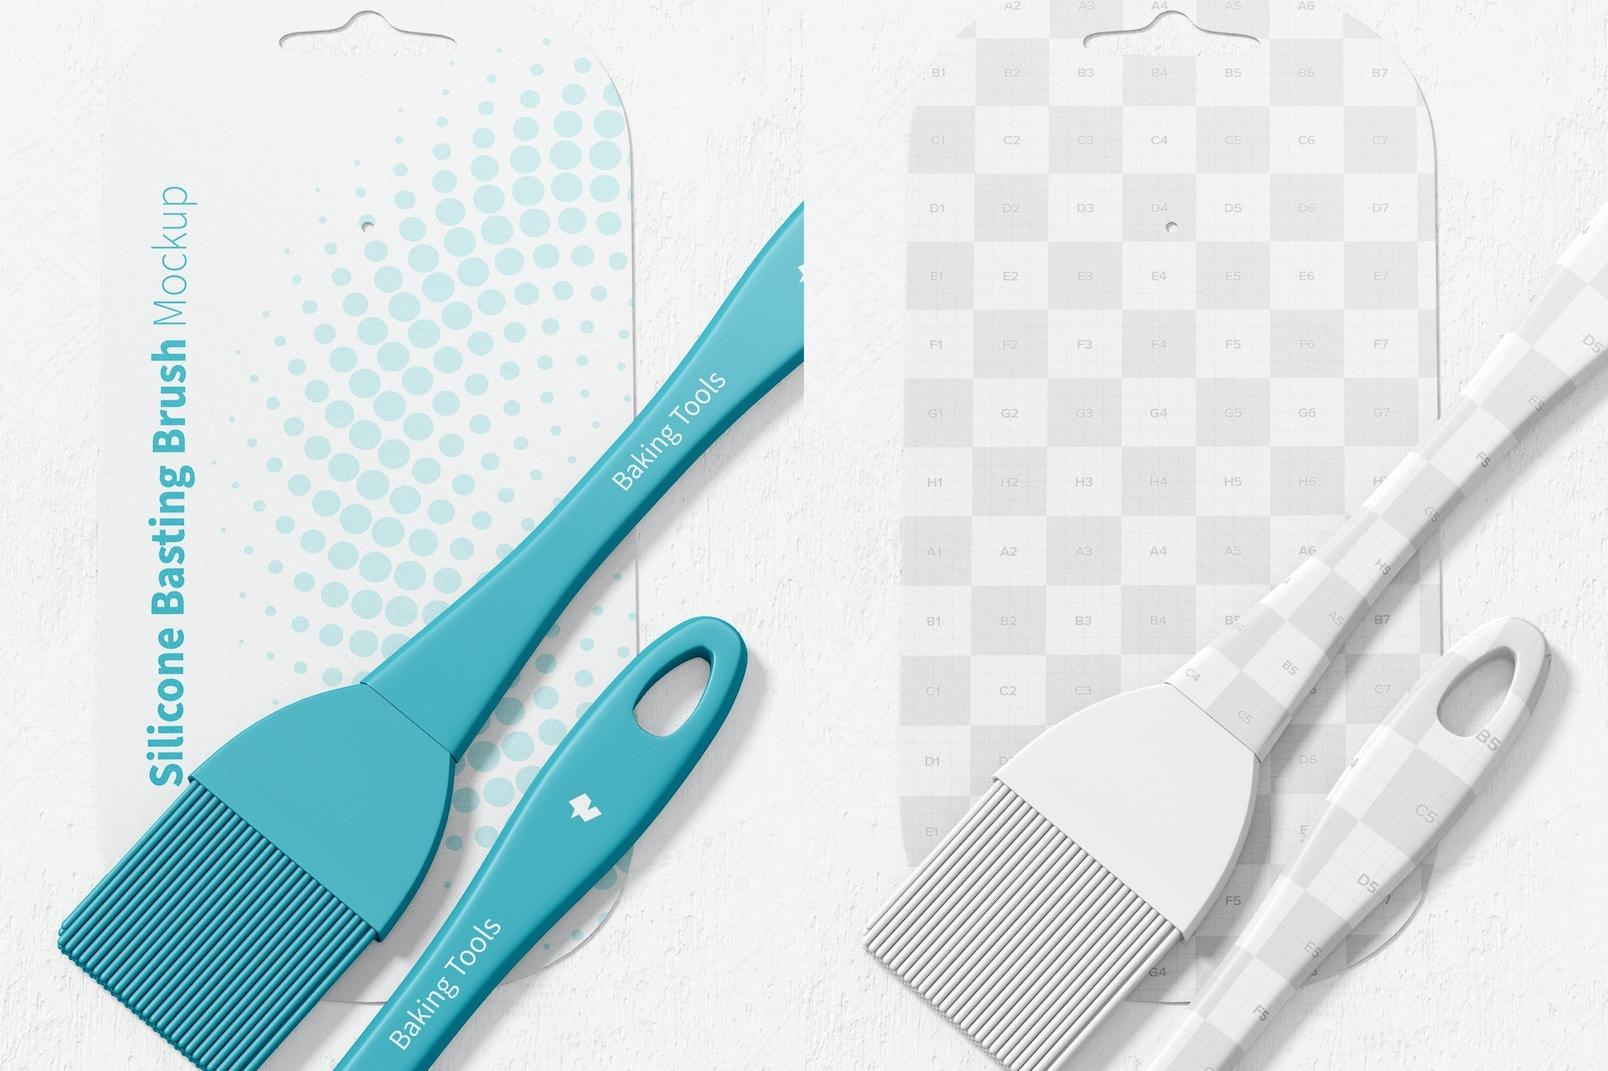 Silicone Basting Brushes Mockup, Close Up